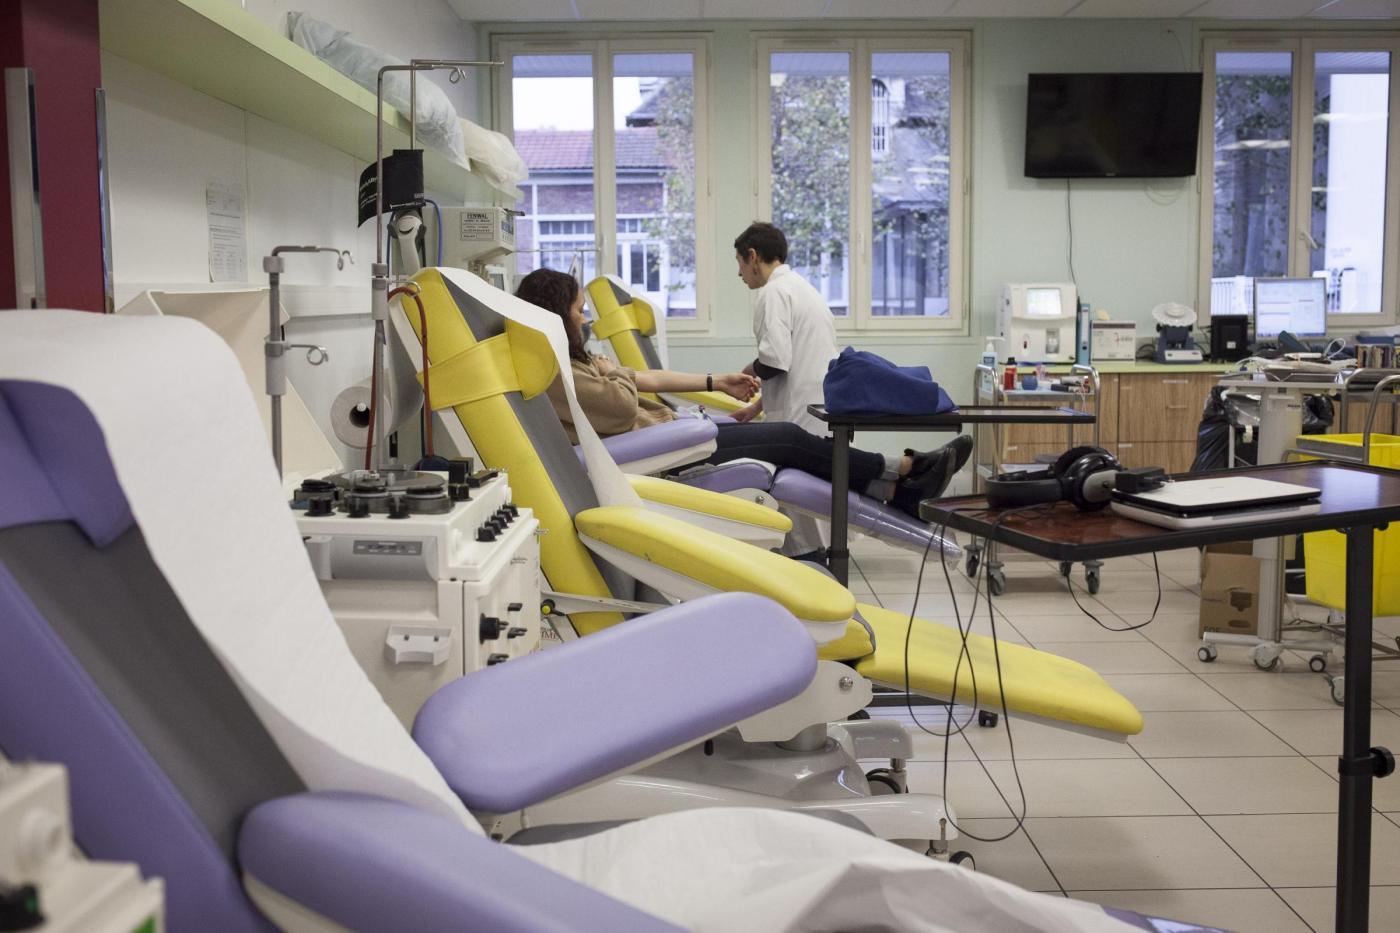 Decine di cittadini donano sangue per feriti dopo attacchi a Parigi